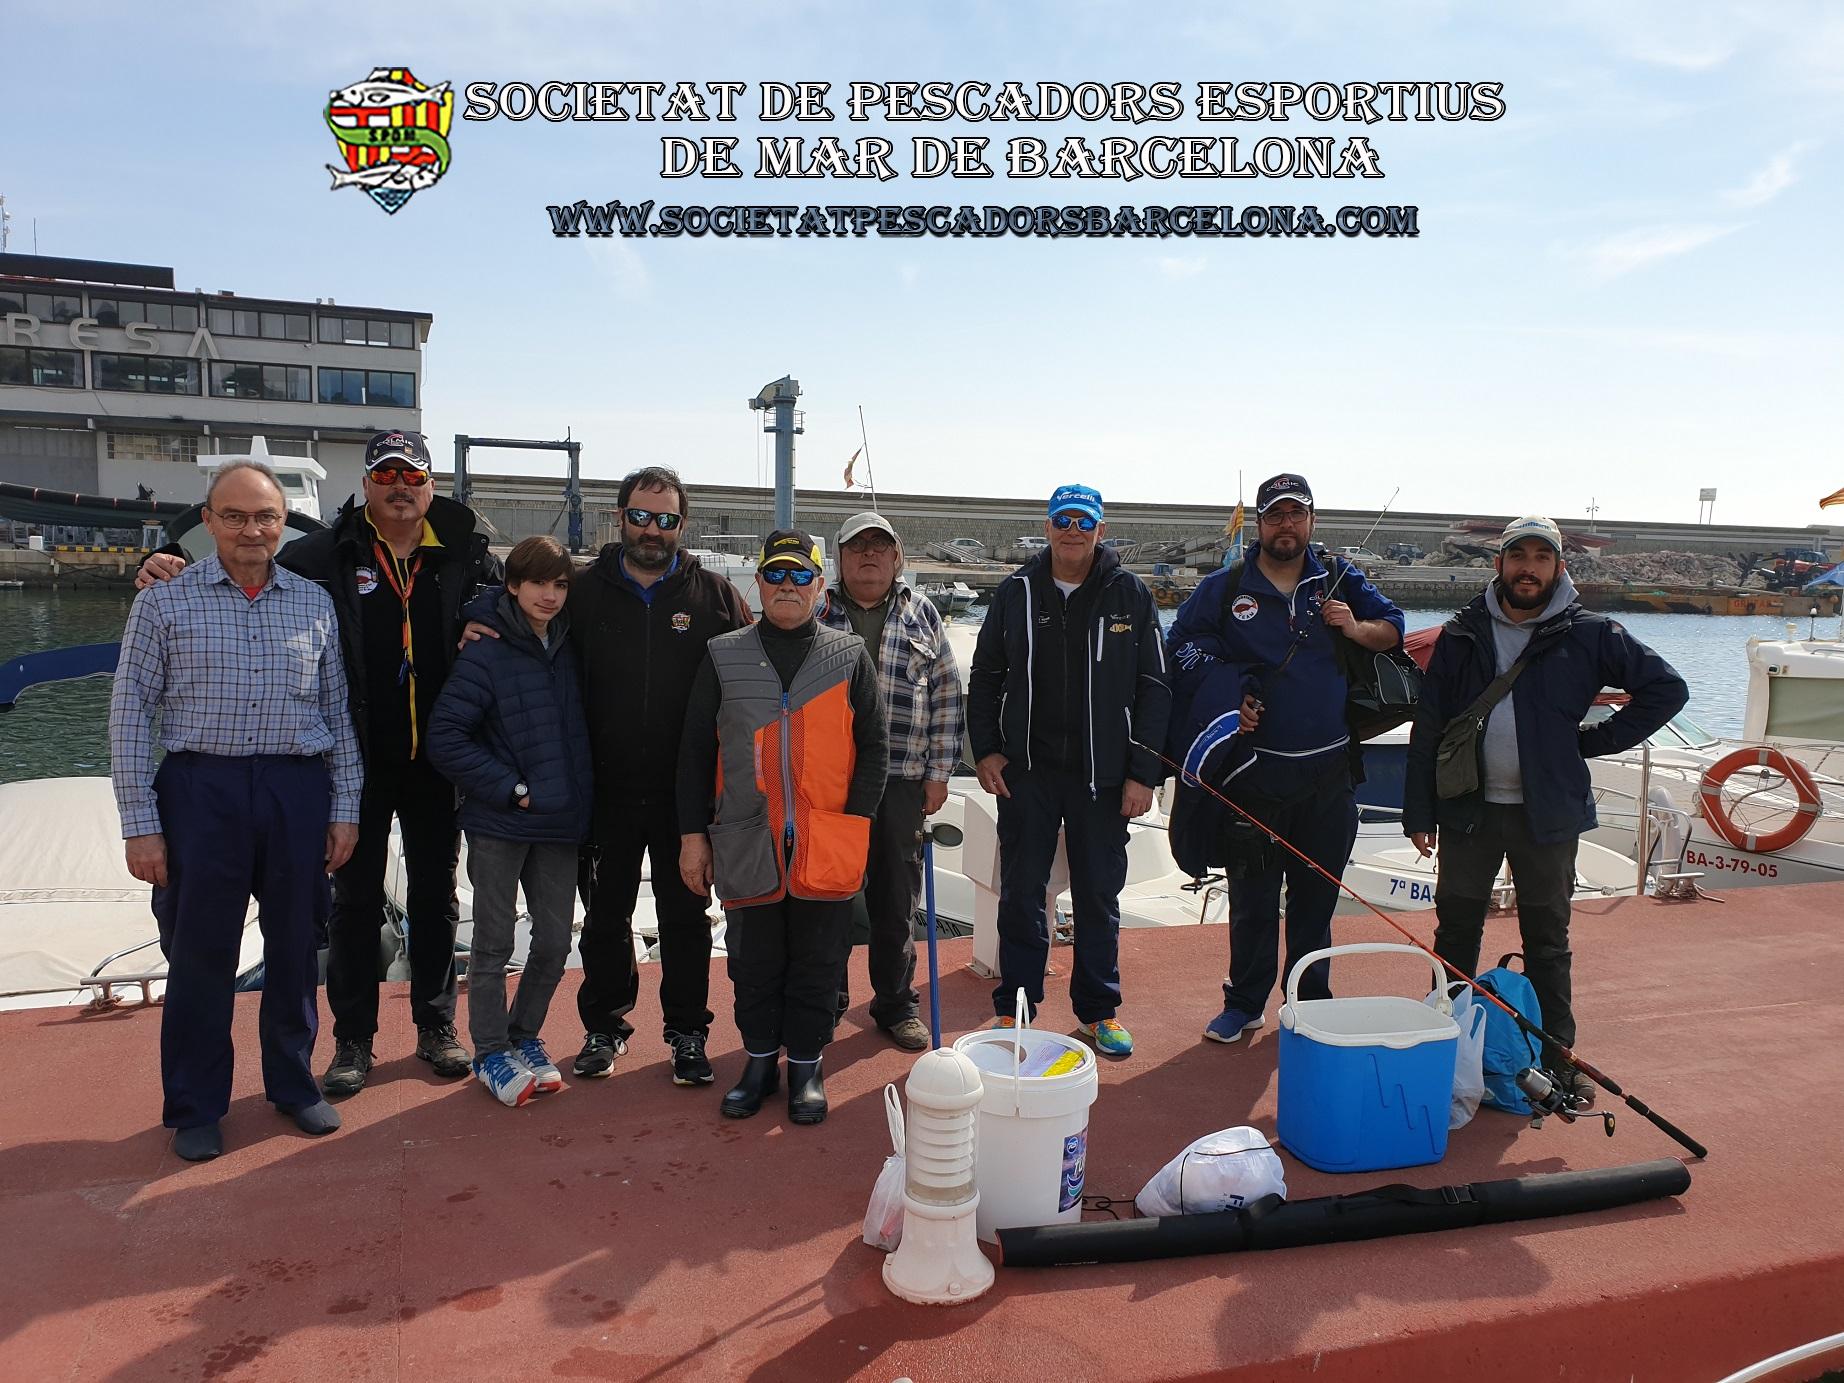 Aplec de embarcación fondeada 03-03-2019 (Arenys de Mar)Aplec d'embarcació fondejada 03-03-2019 (Arenys de Mar)